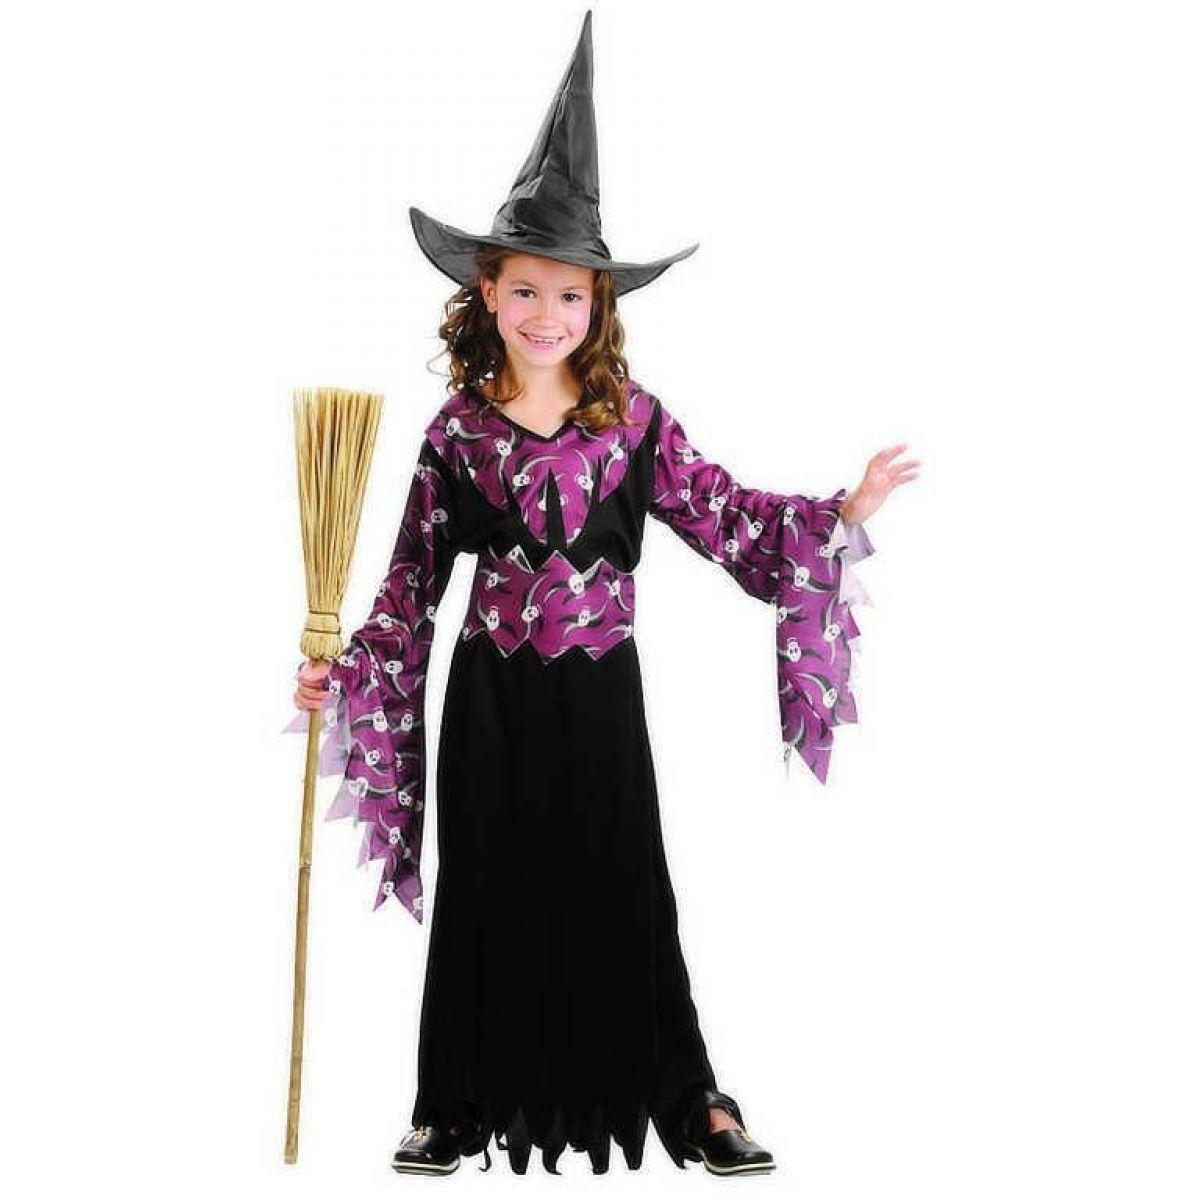 Made Detský kostým Gotická čarodejnica 120-130 cm